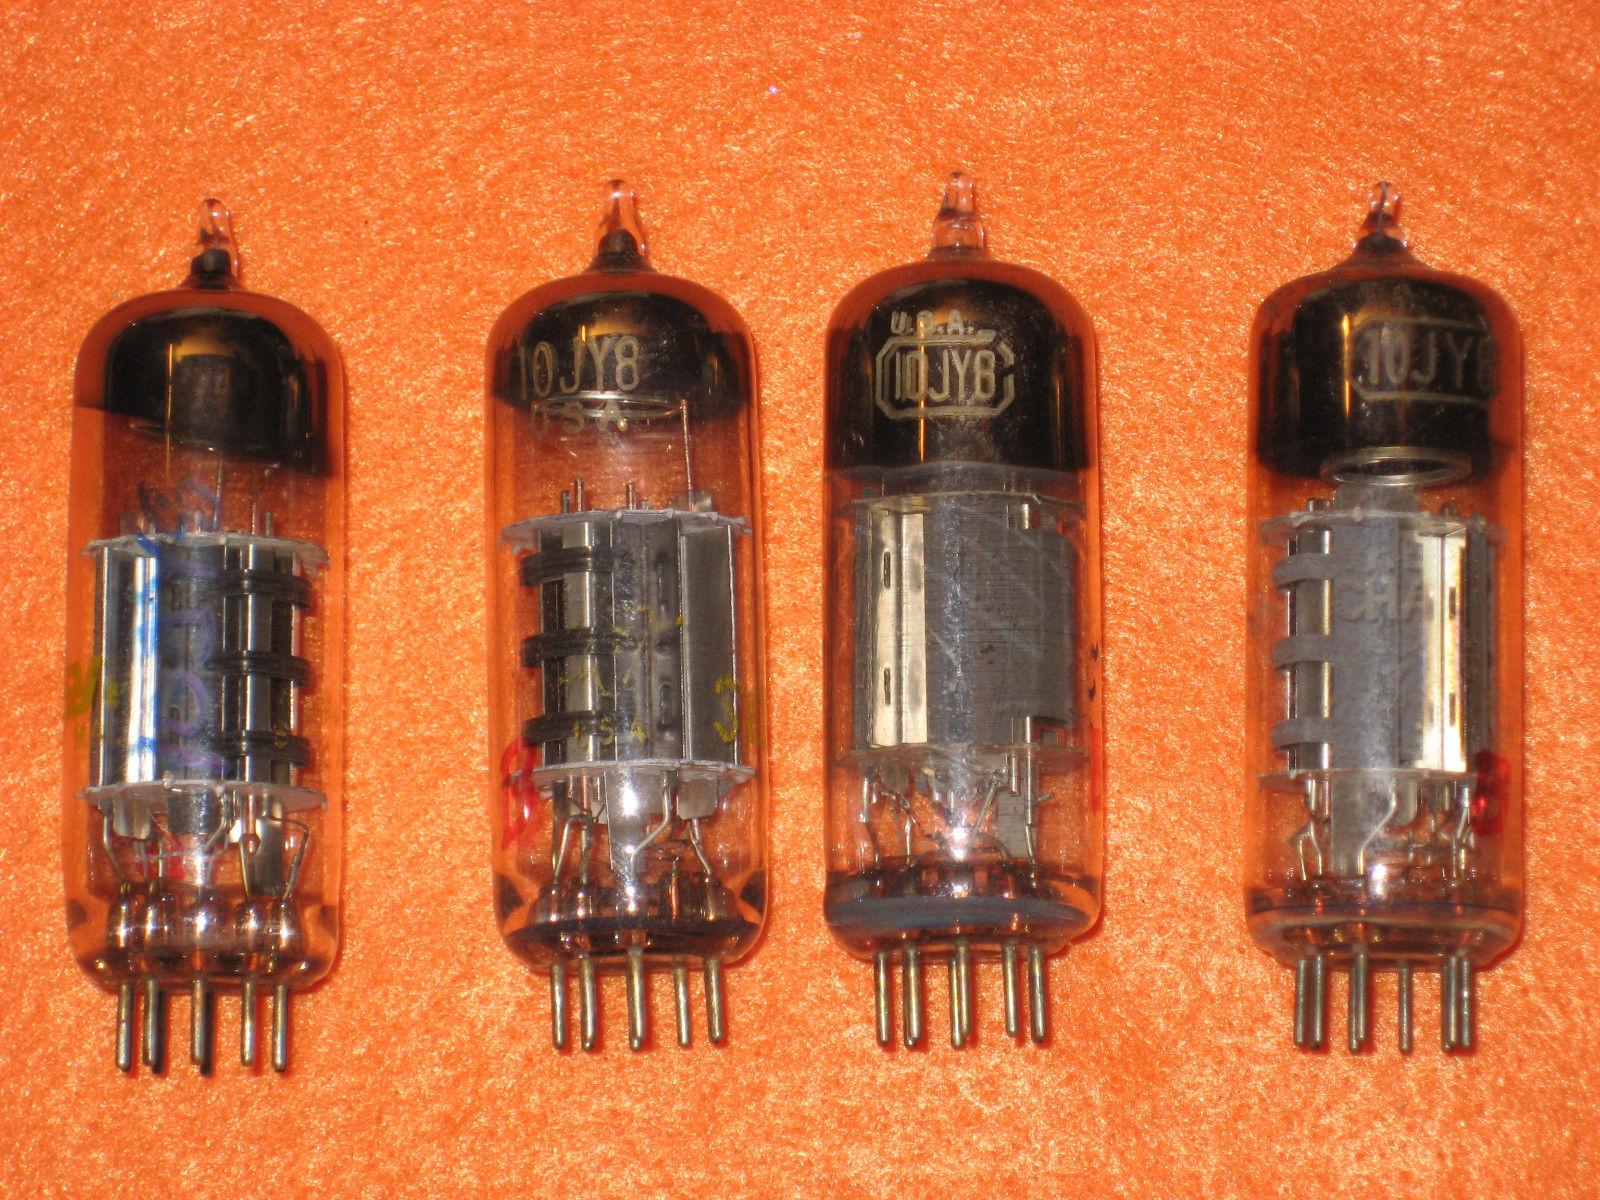 Vintage Radio Vacuum Tube (one): 10JY8 - Tested Good